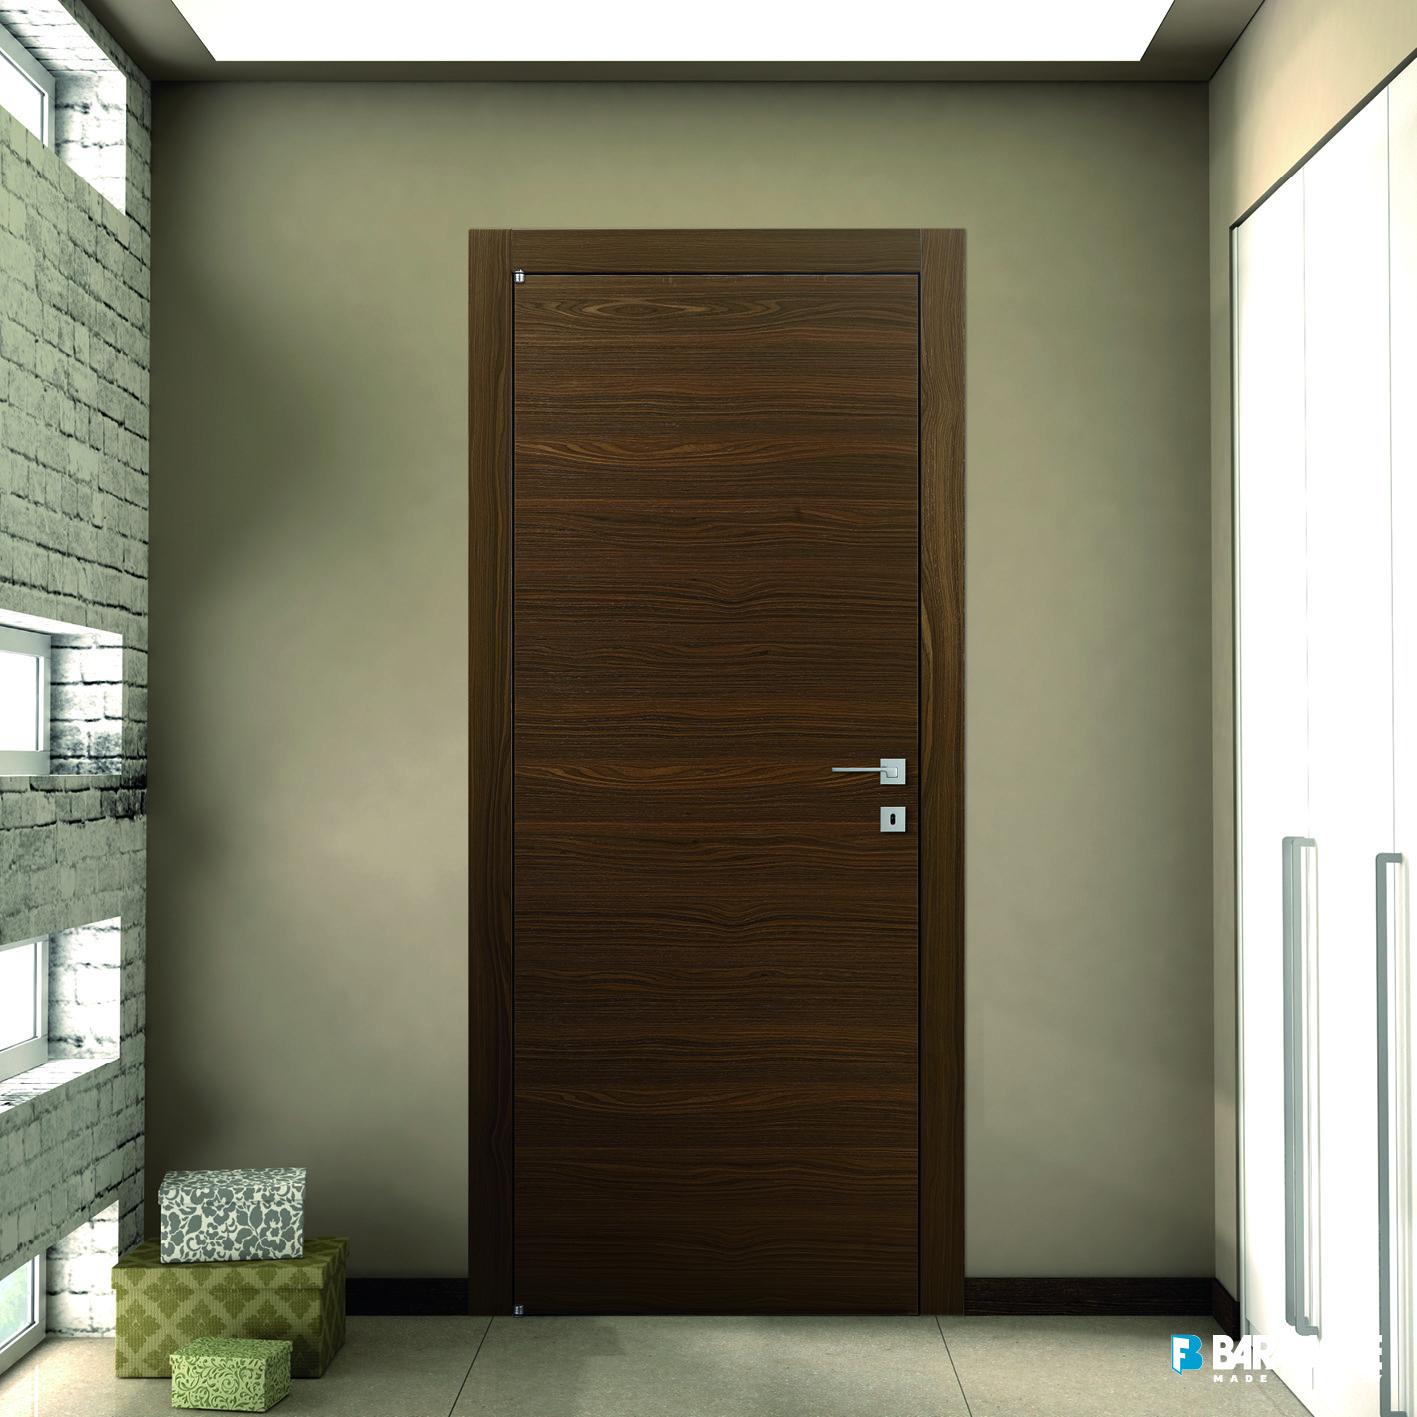 Glamorous modern usi interior pictures simple design for Usi de interior